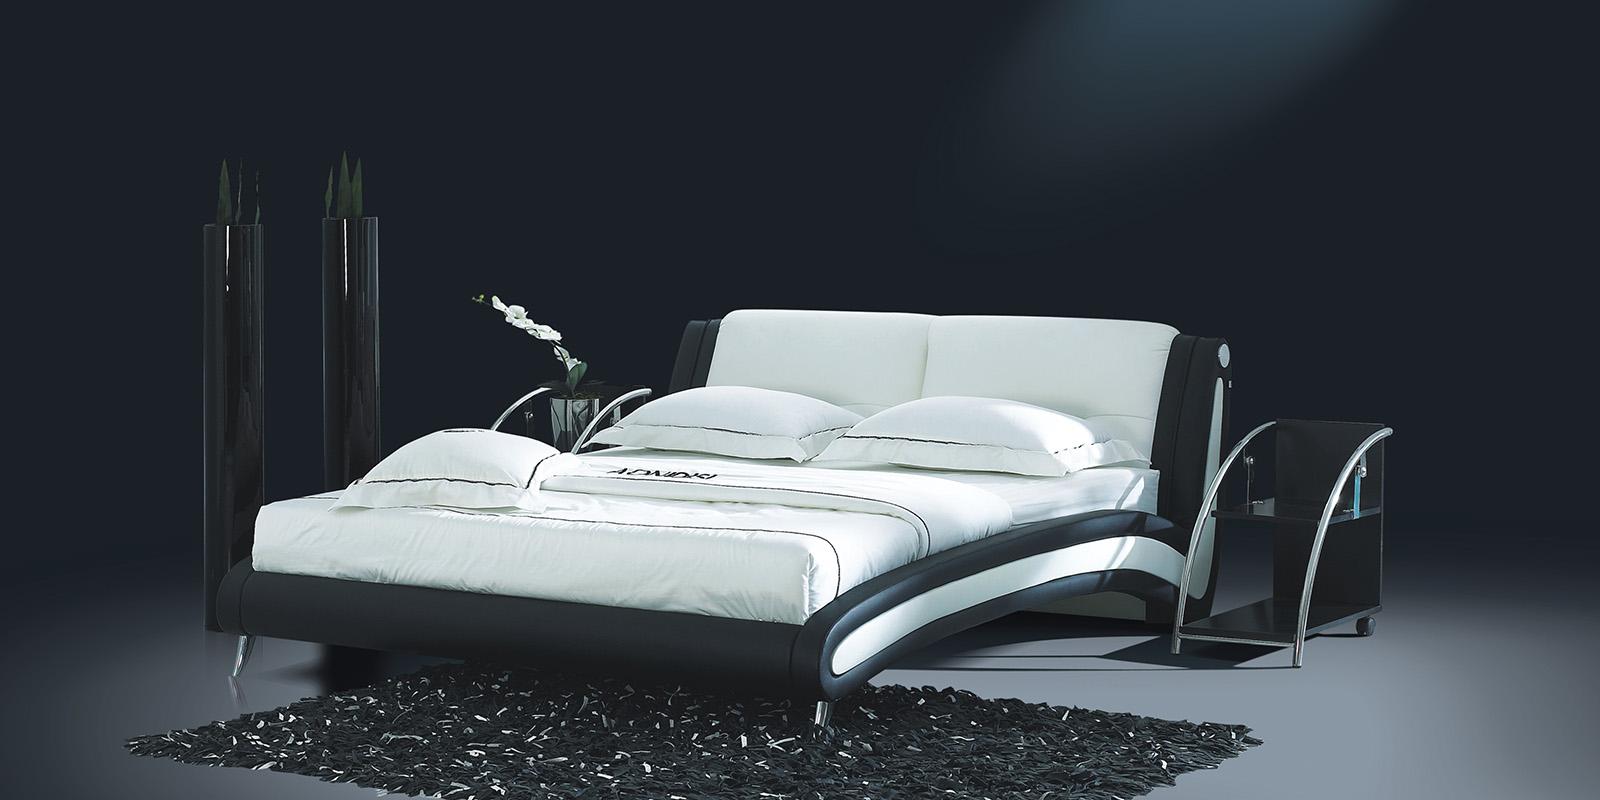 Мягкая кровать 200х140 AY-959 с ортопедическим основанием (черно-белый)